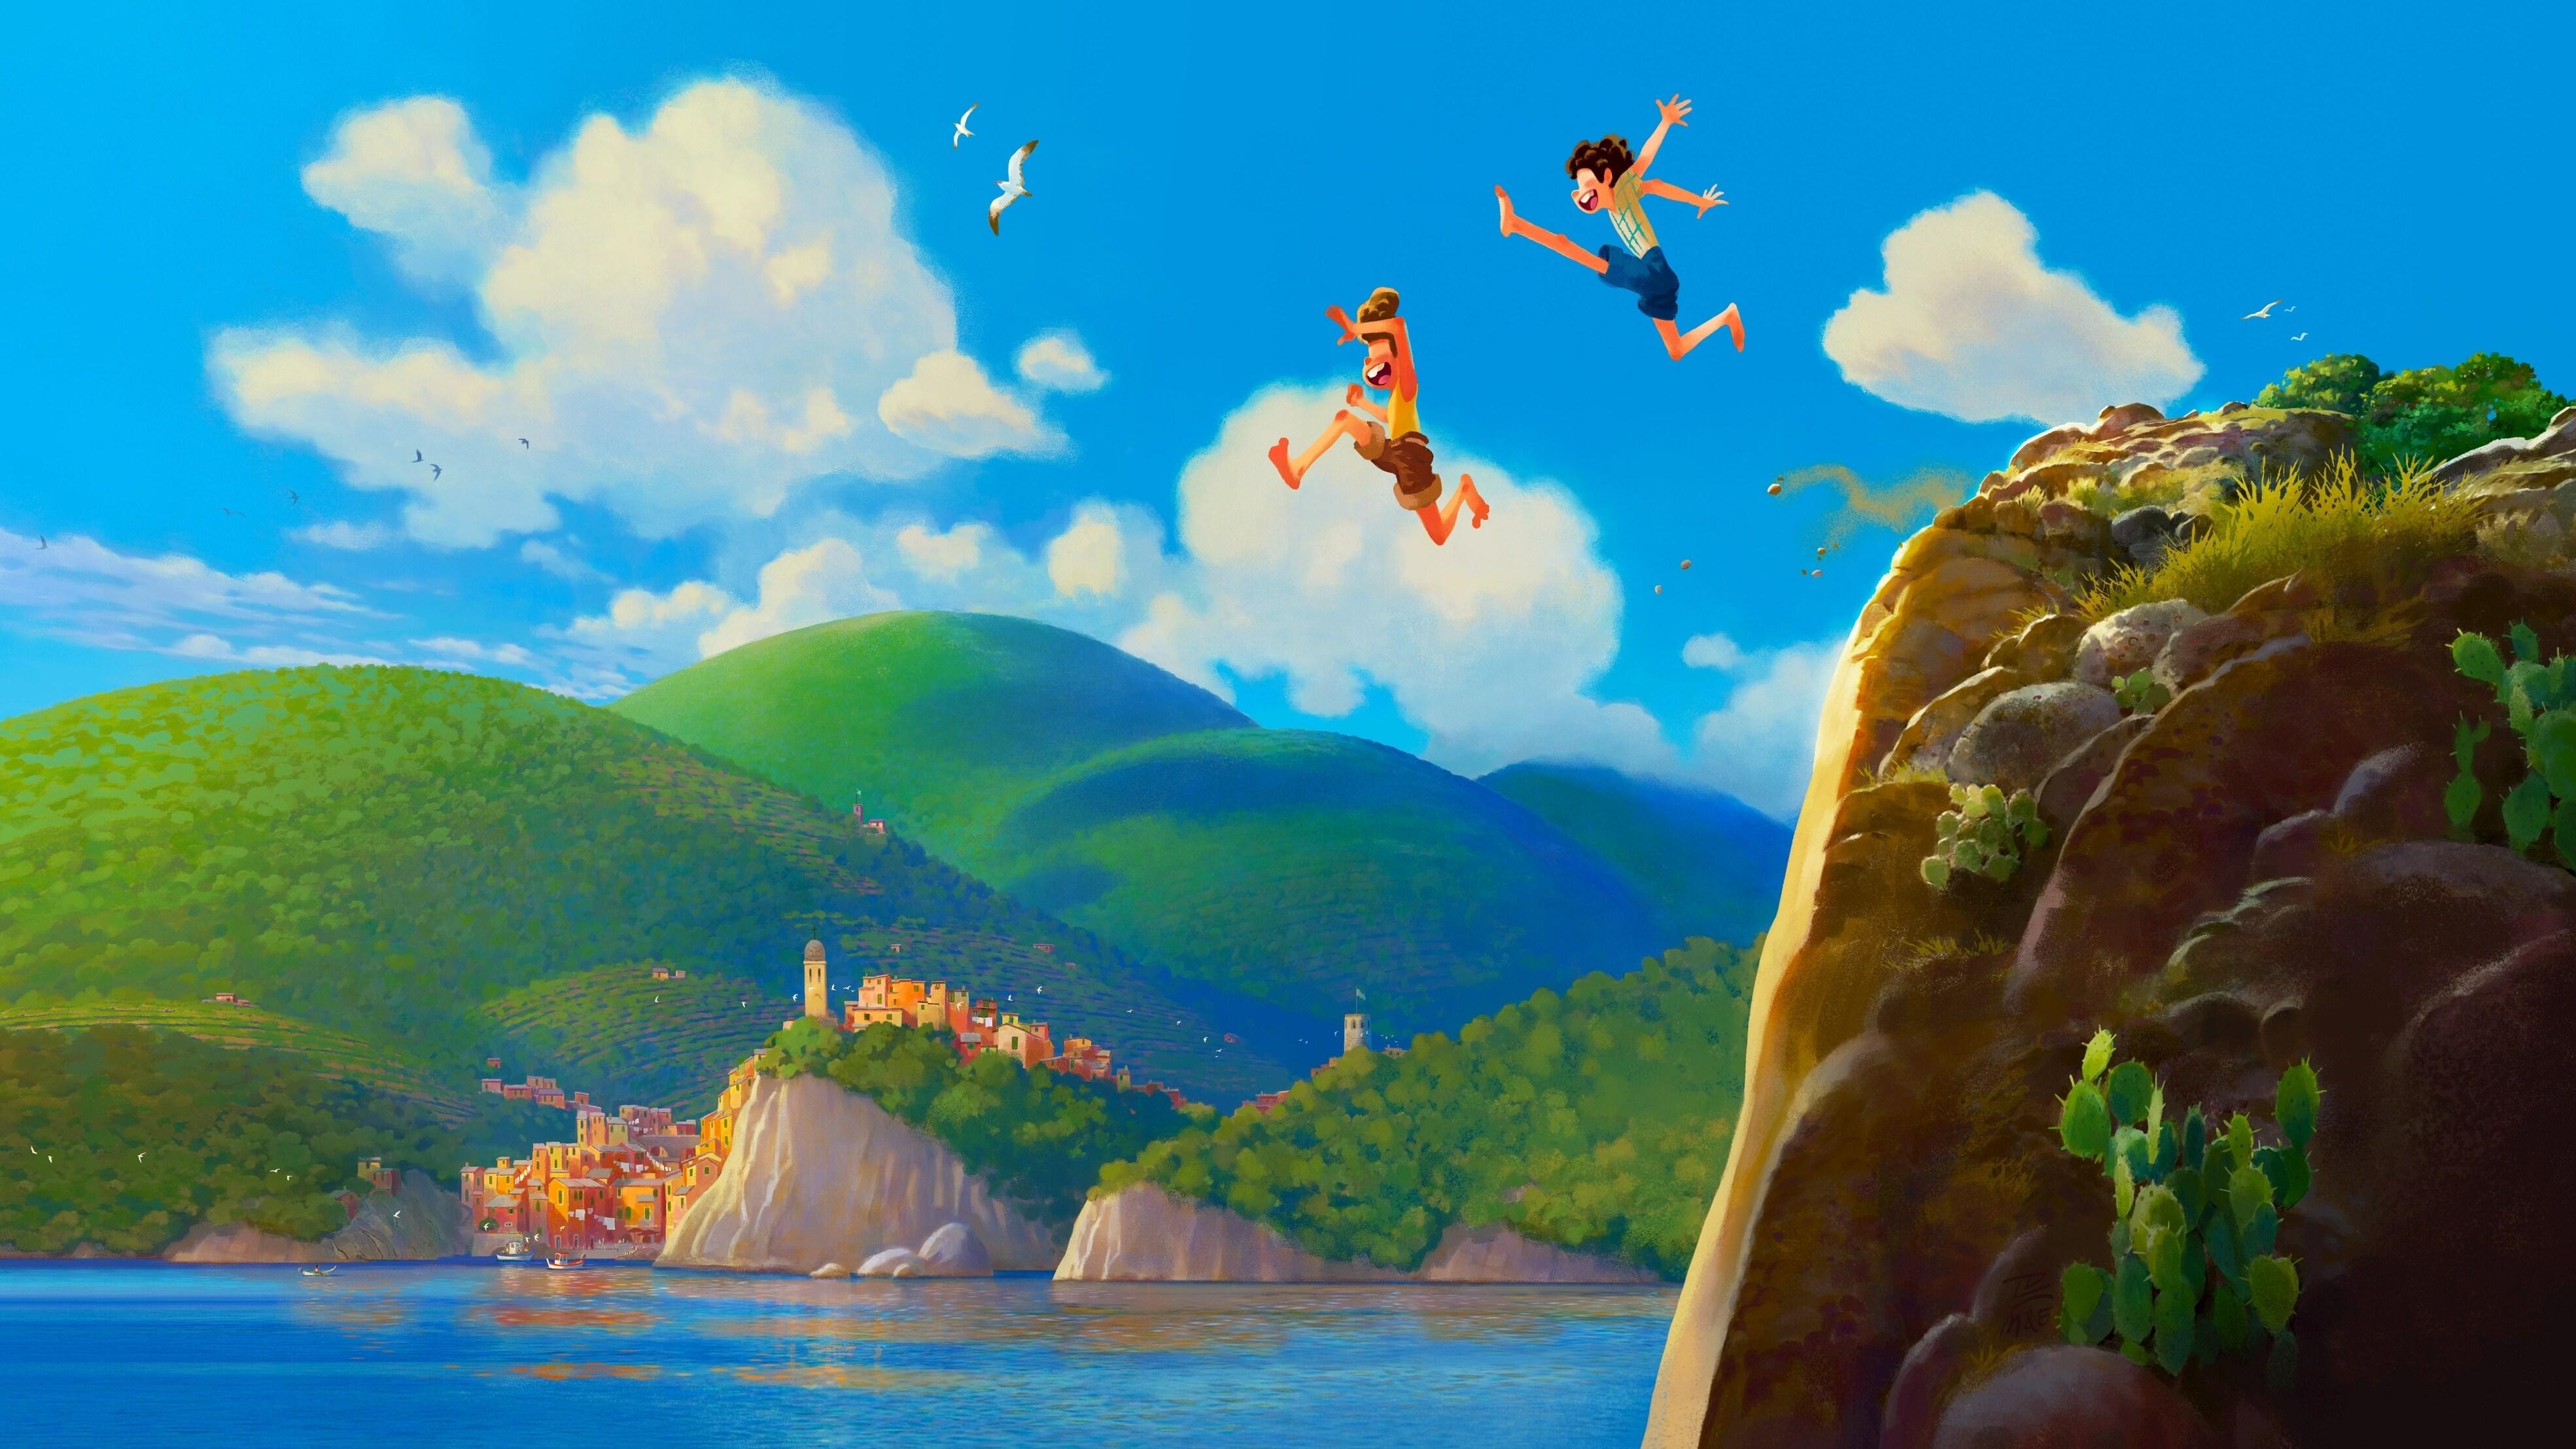 Luca, nova animação original da Pixar, convida o público a passar um verão inesquecível na Riviera Italiana